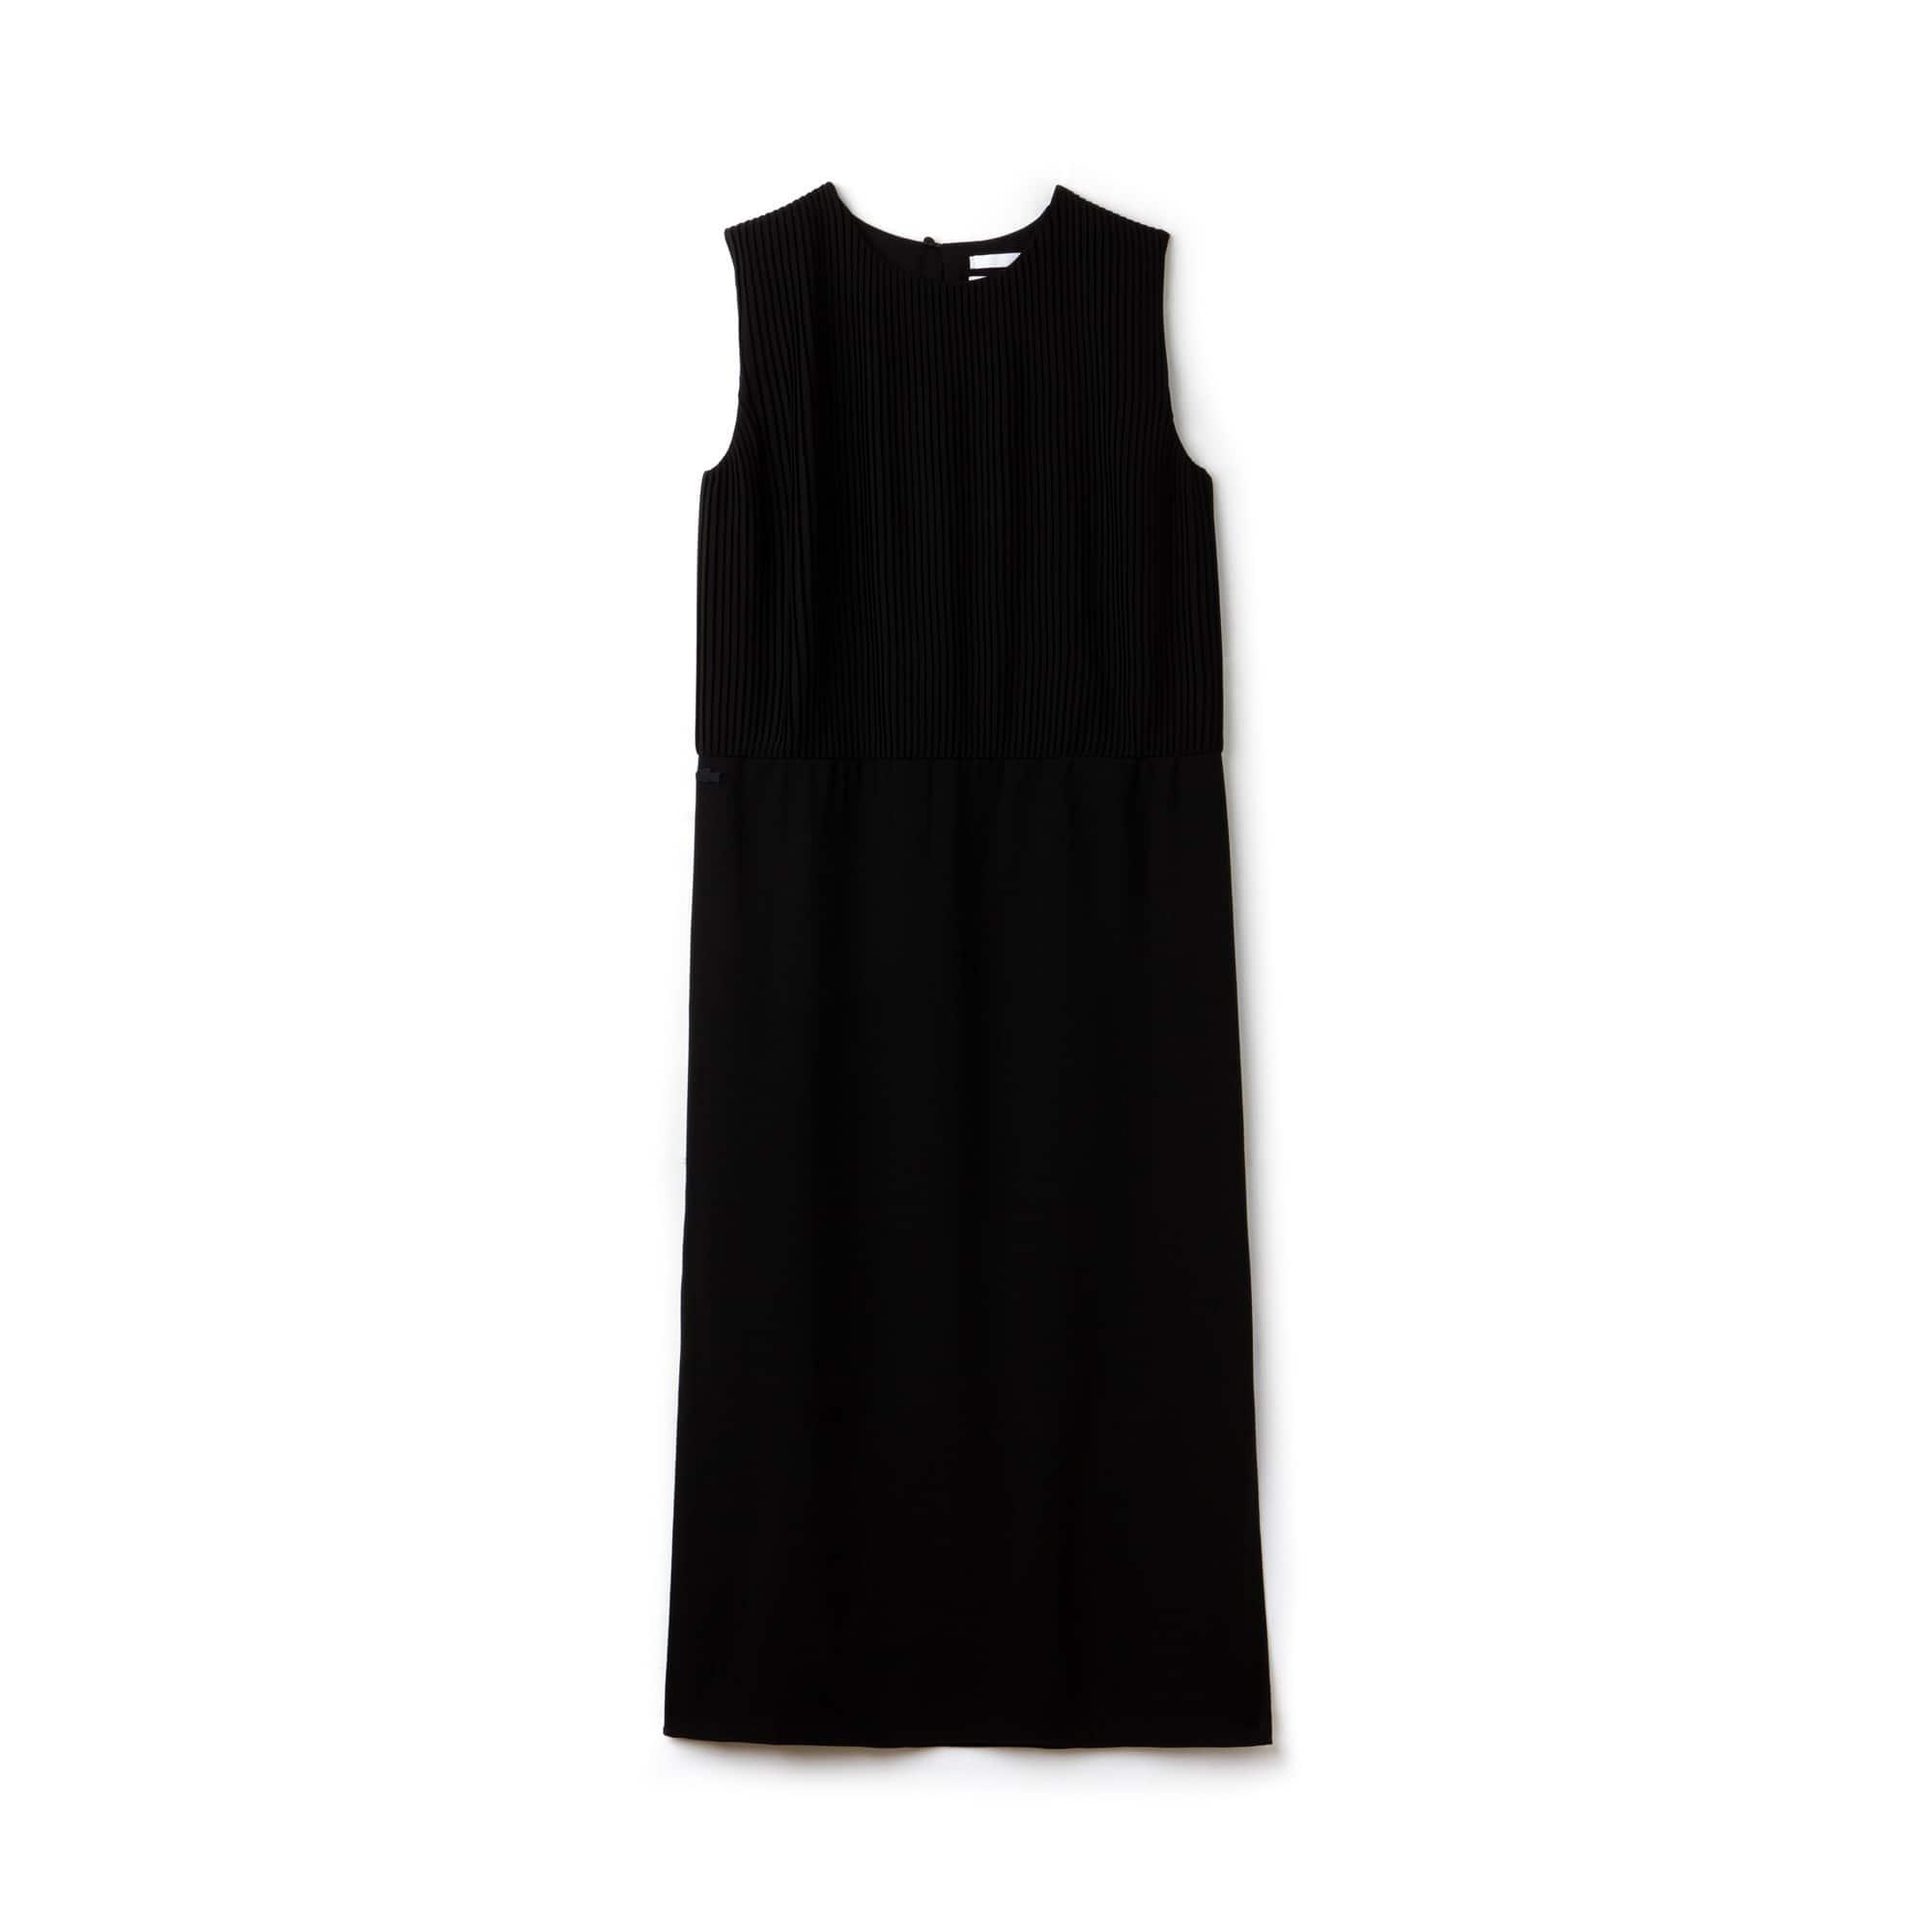 Vestido sin mangas plisado Lacoste LIVE de crepé liso